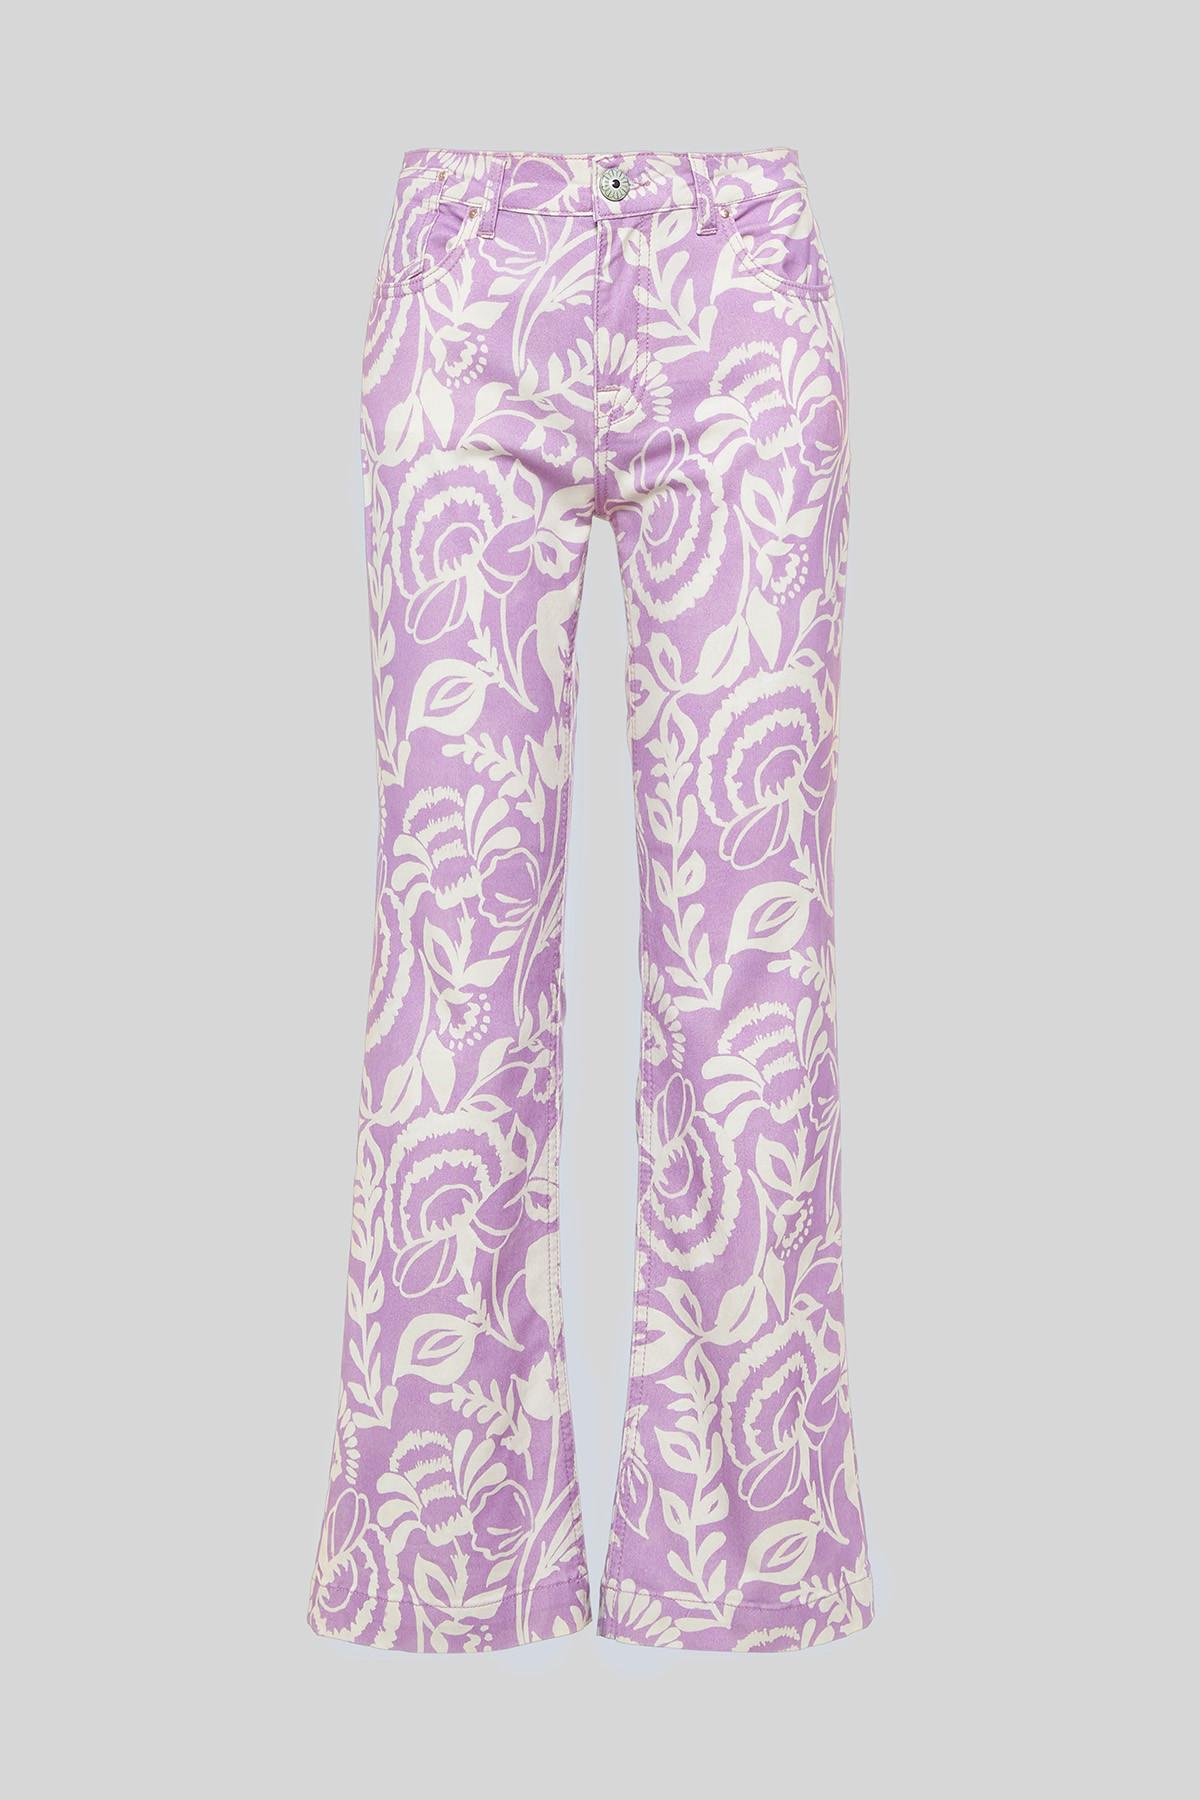 Abbigliamento Donna Pantalone Trombetta Soft Cotton misto Cachemire Print a Fantasia Rosa Maliparmi | Gonne e Pantaloni | JH720410129A5106